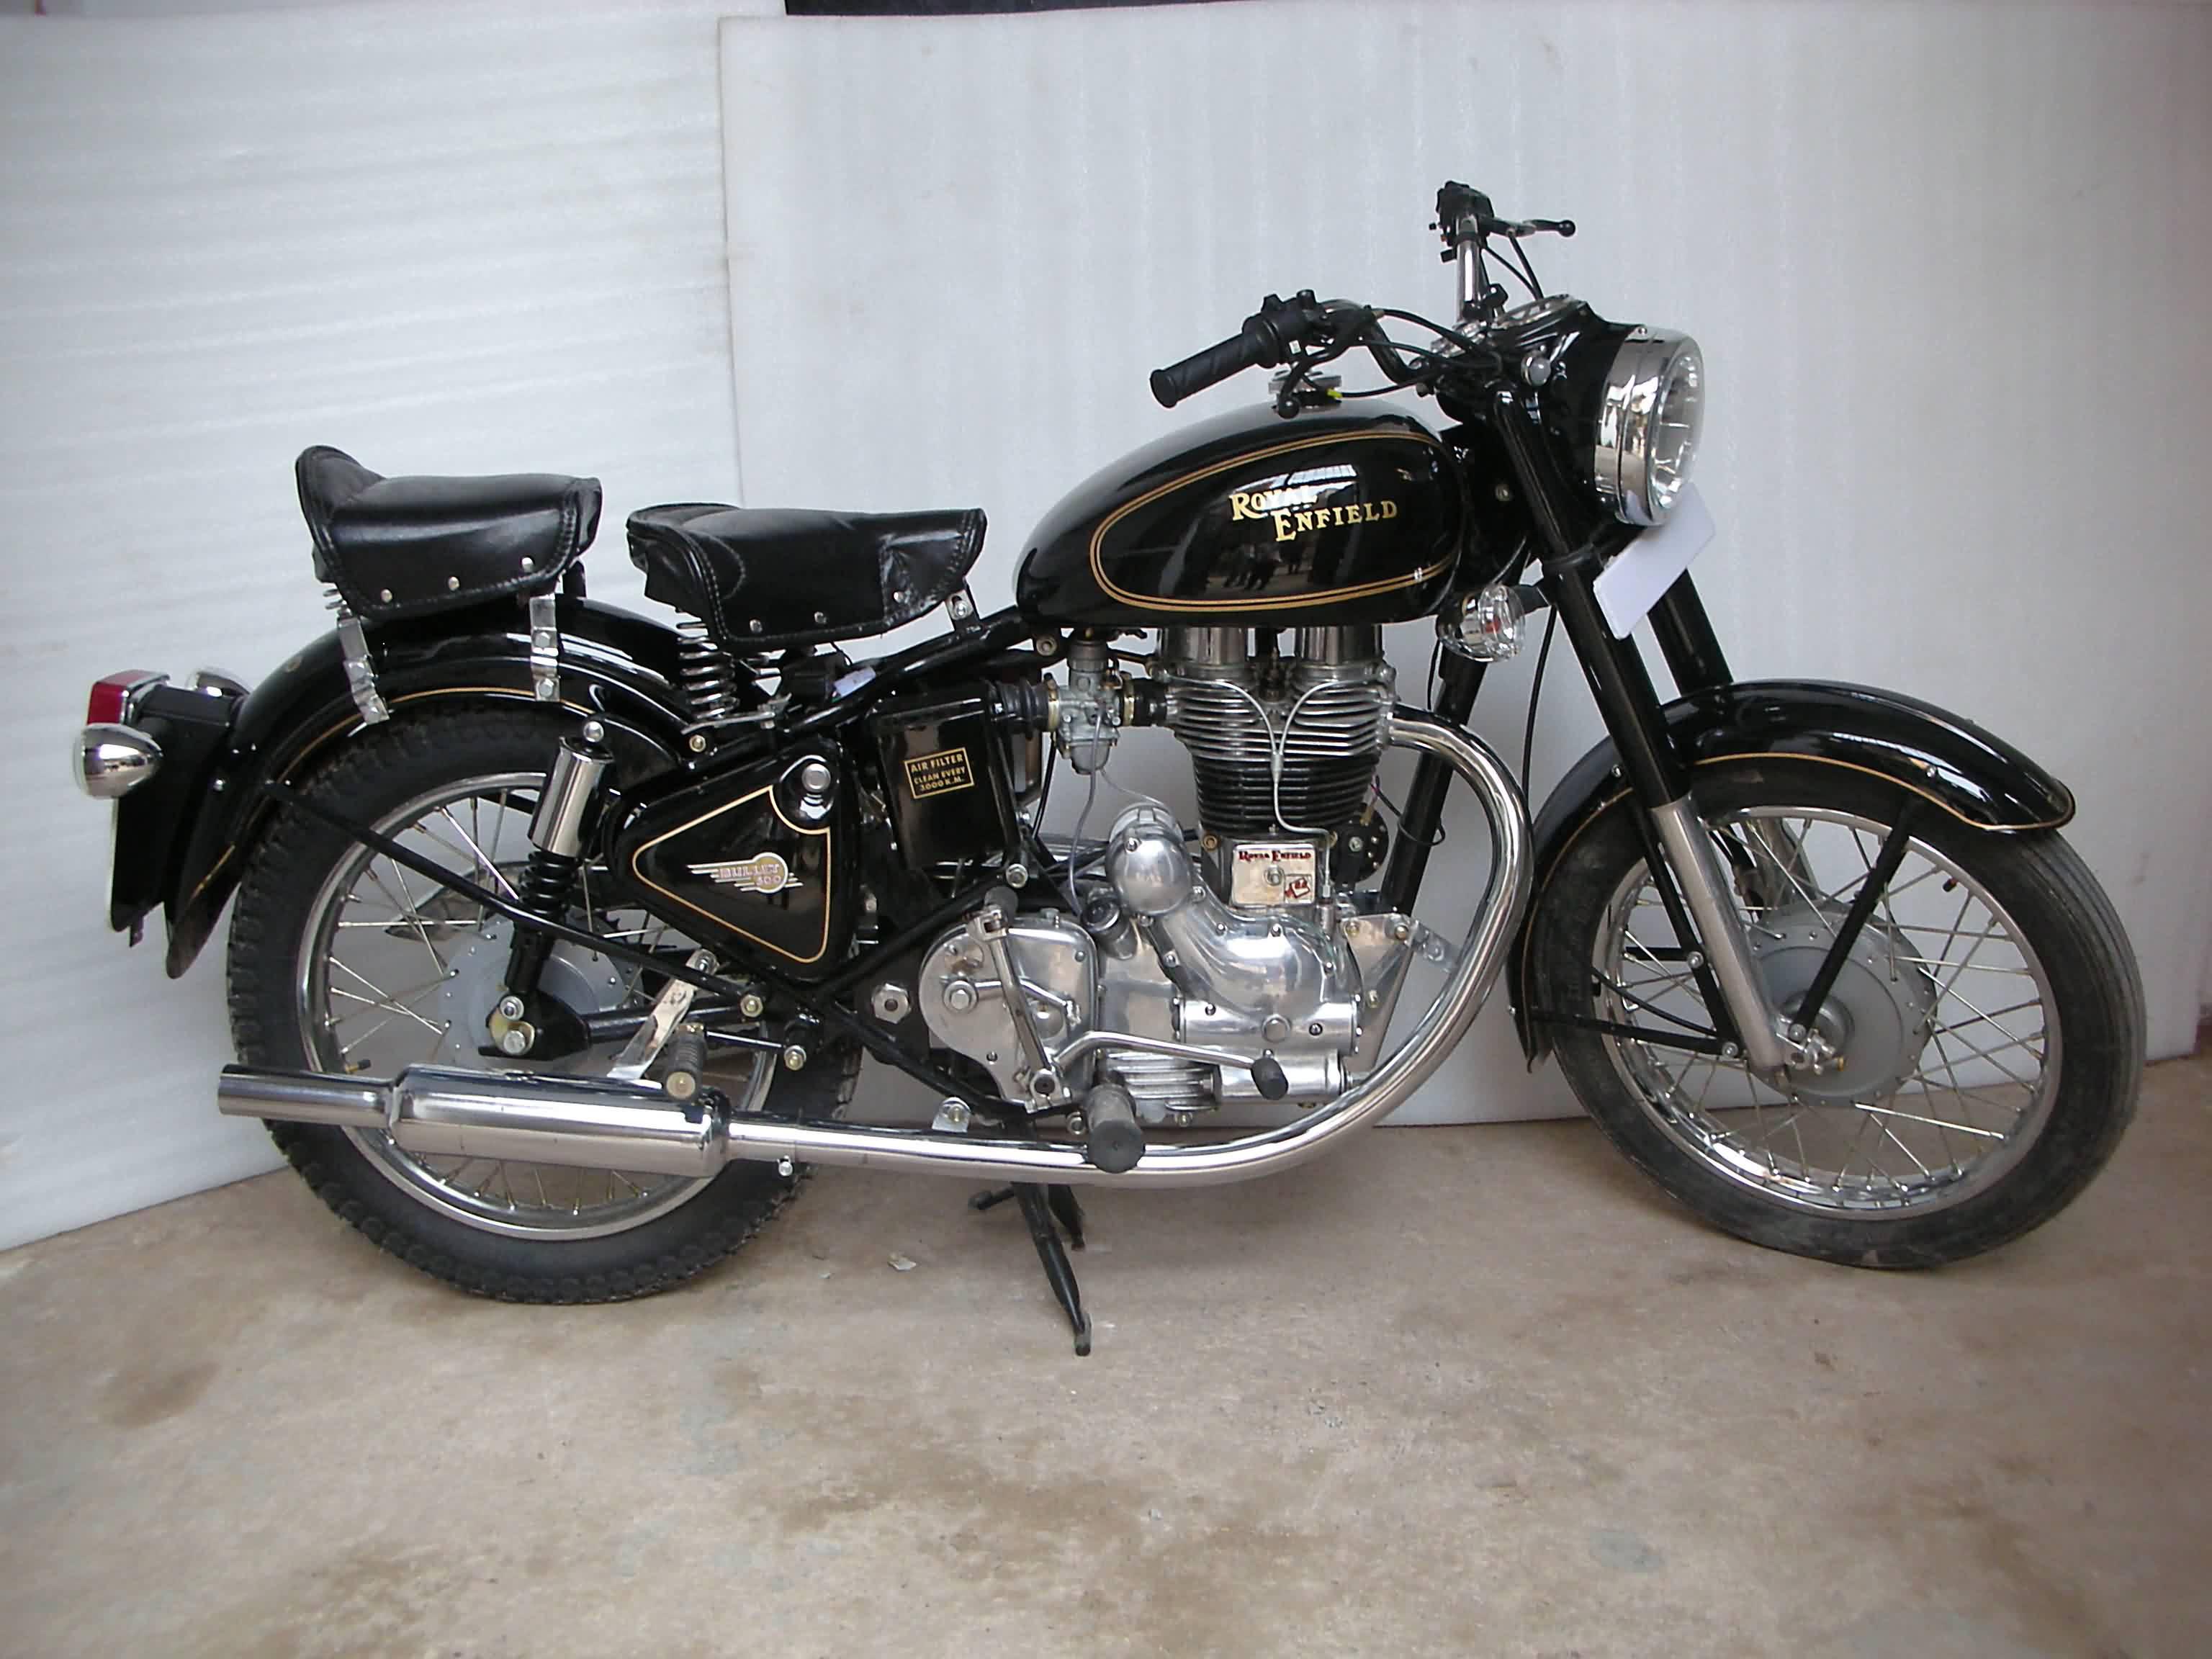 Royal enfield le site la moto de c l for Royalenfieldlesite